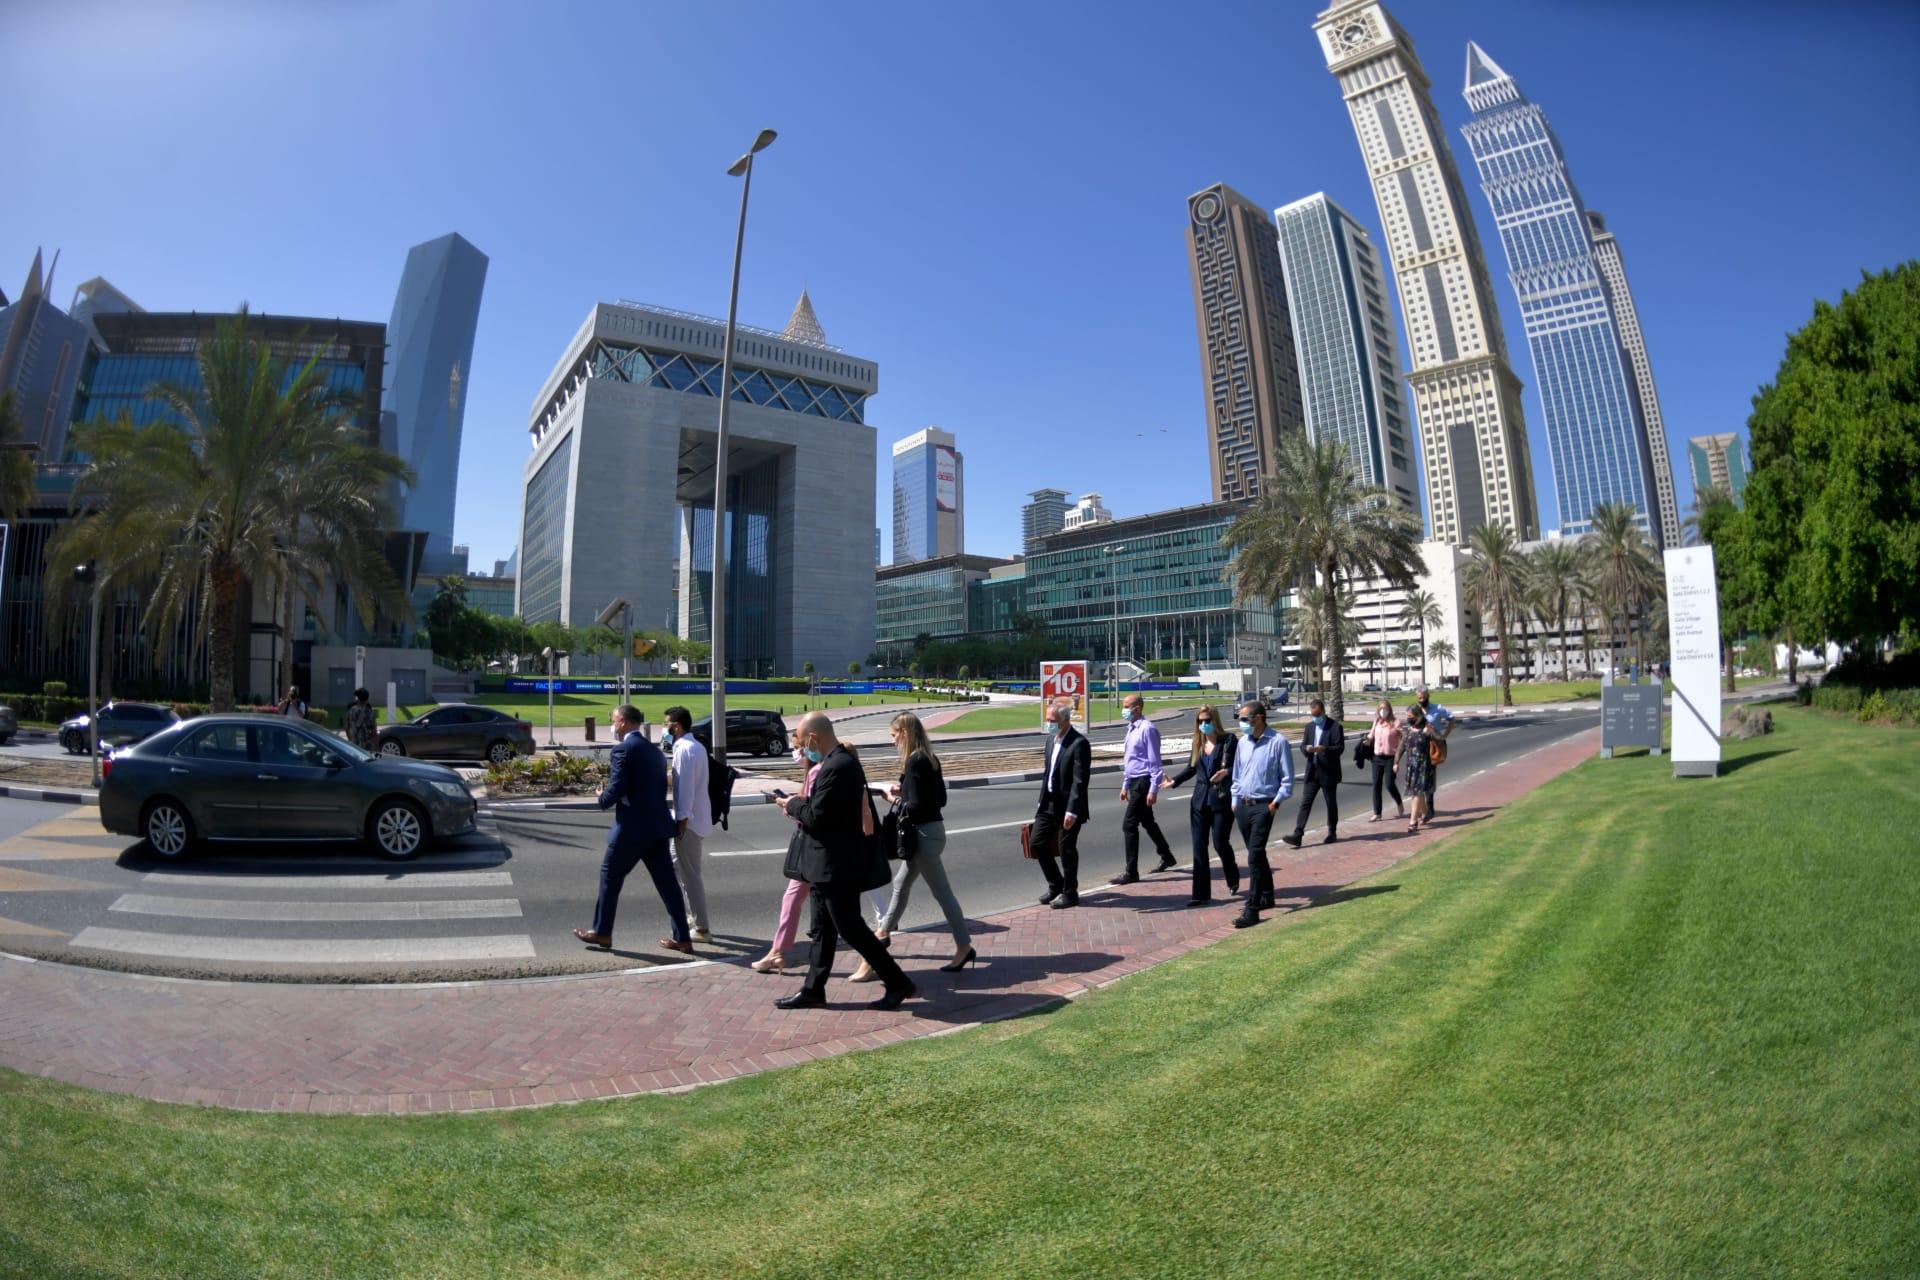 ما هي أفضل قطاعات العمل في الإمارات لعام 2020؟